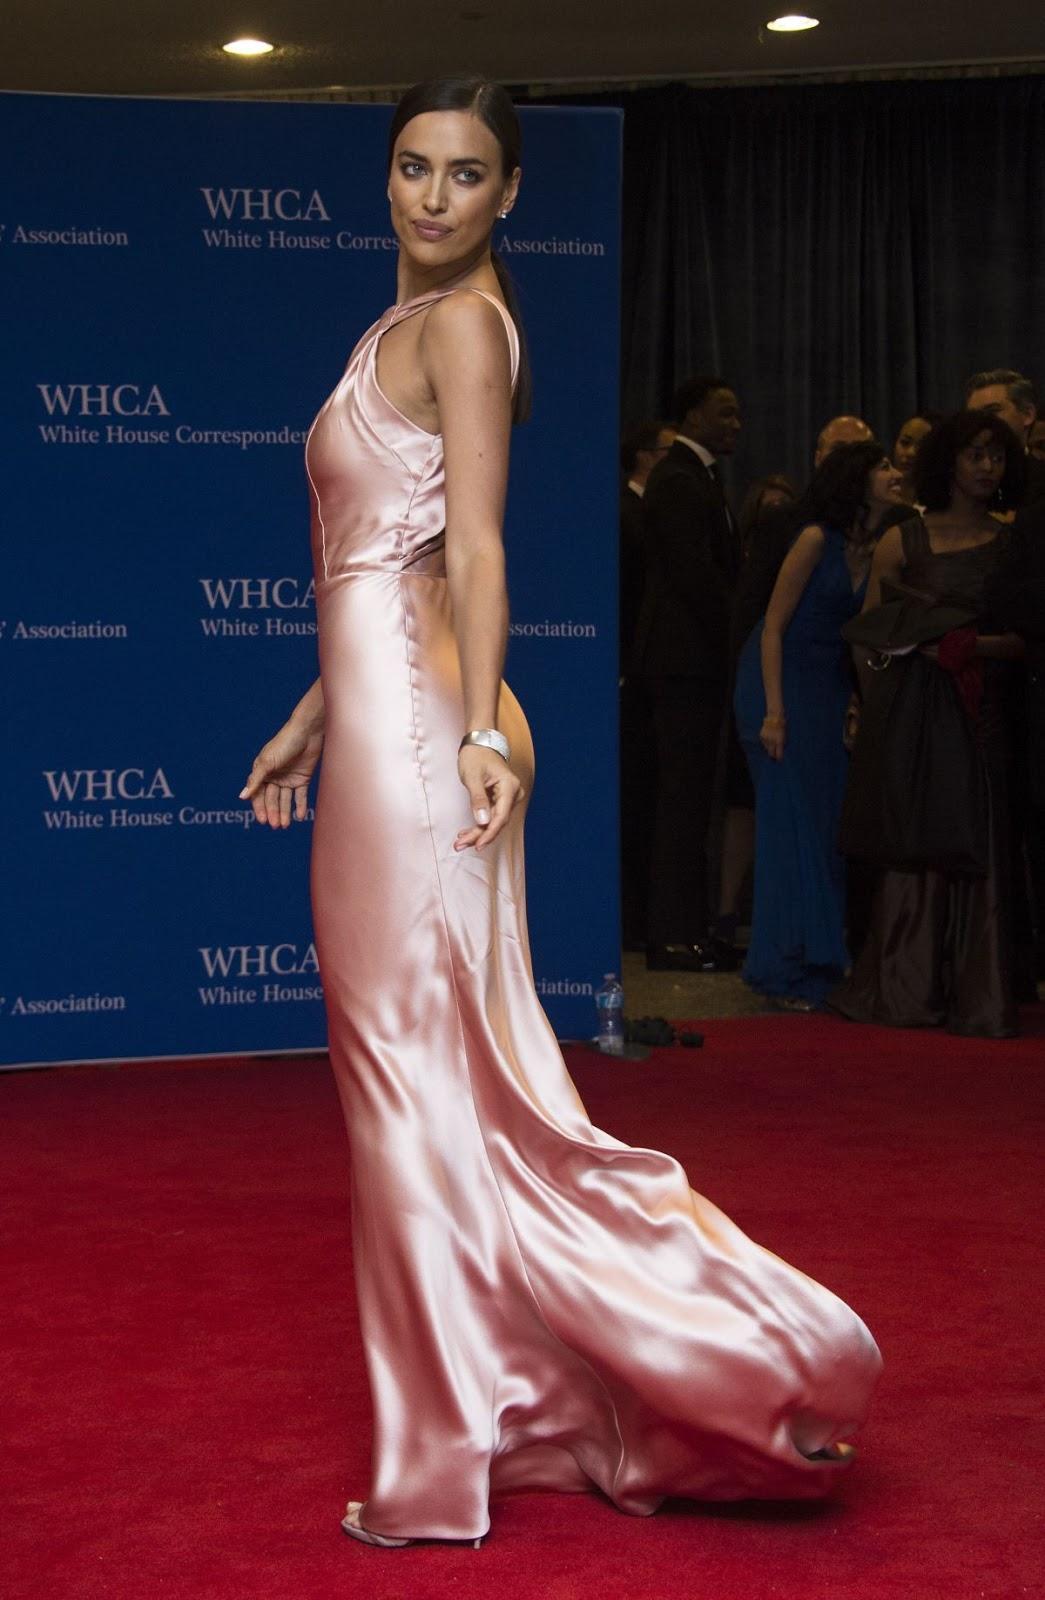 HQ Photos of Irina Shayk Looks Beyond Gorgeous at White House Correspondents' Dinner 2015